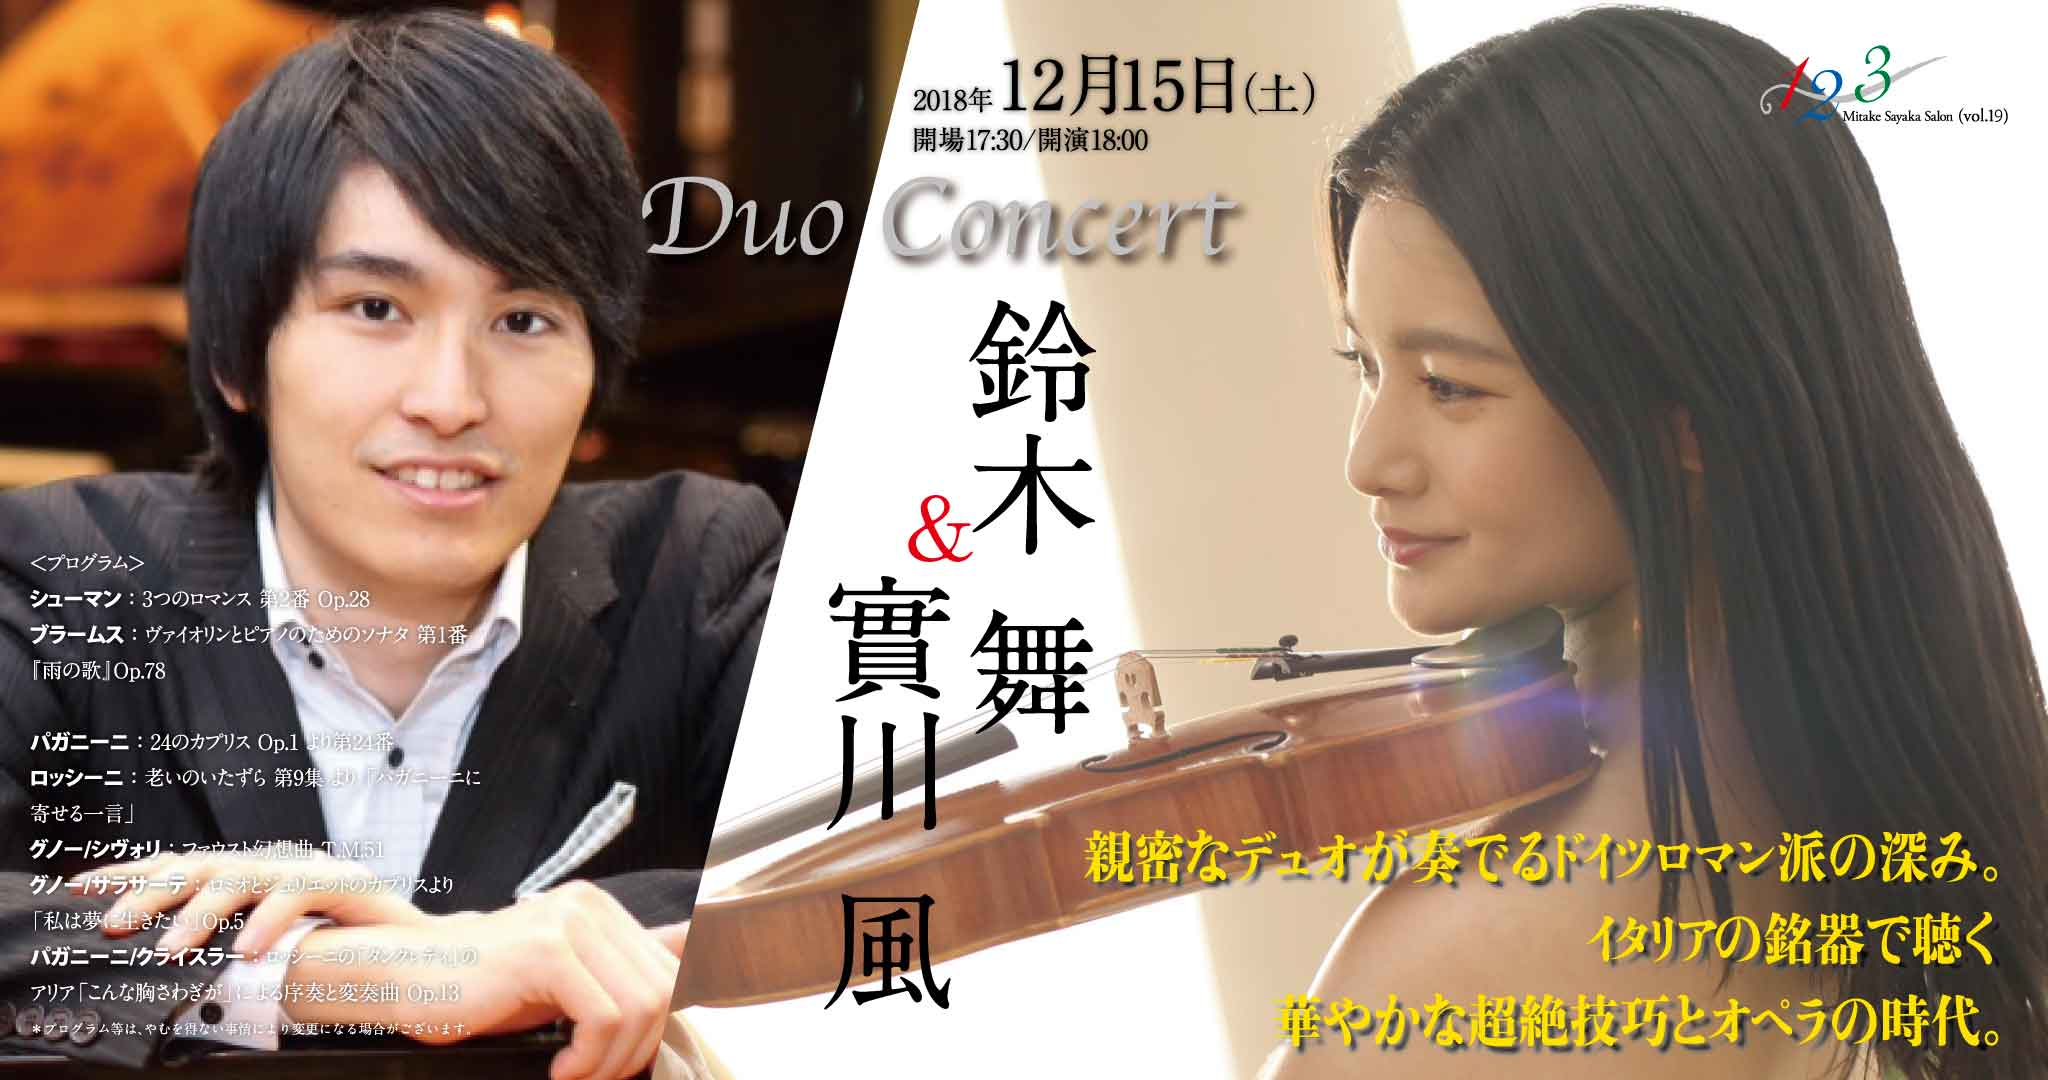 12月15日18:00~ 鈴木舞&實川風デュオコンサート